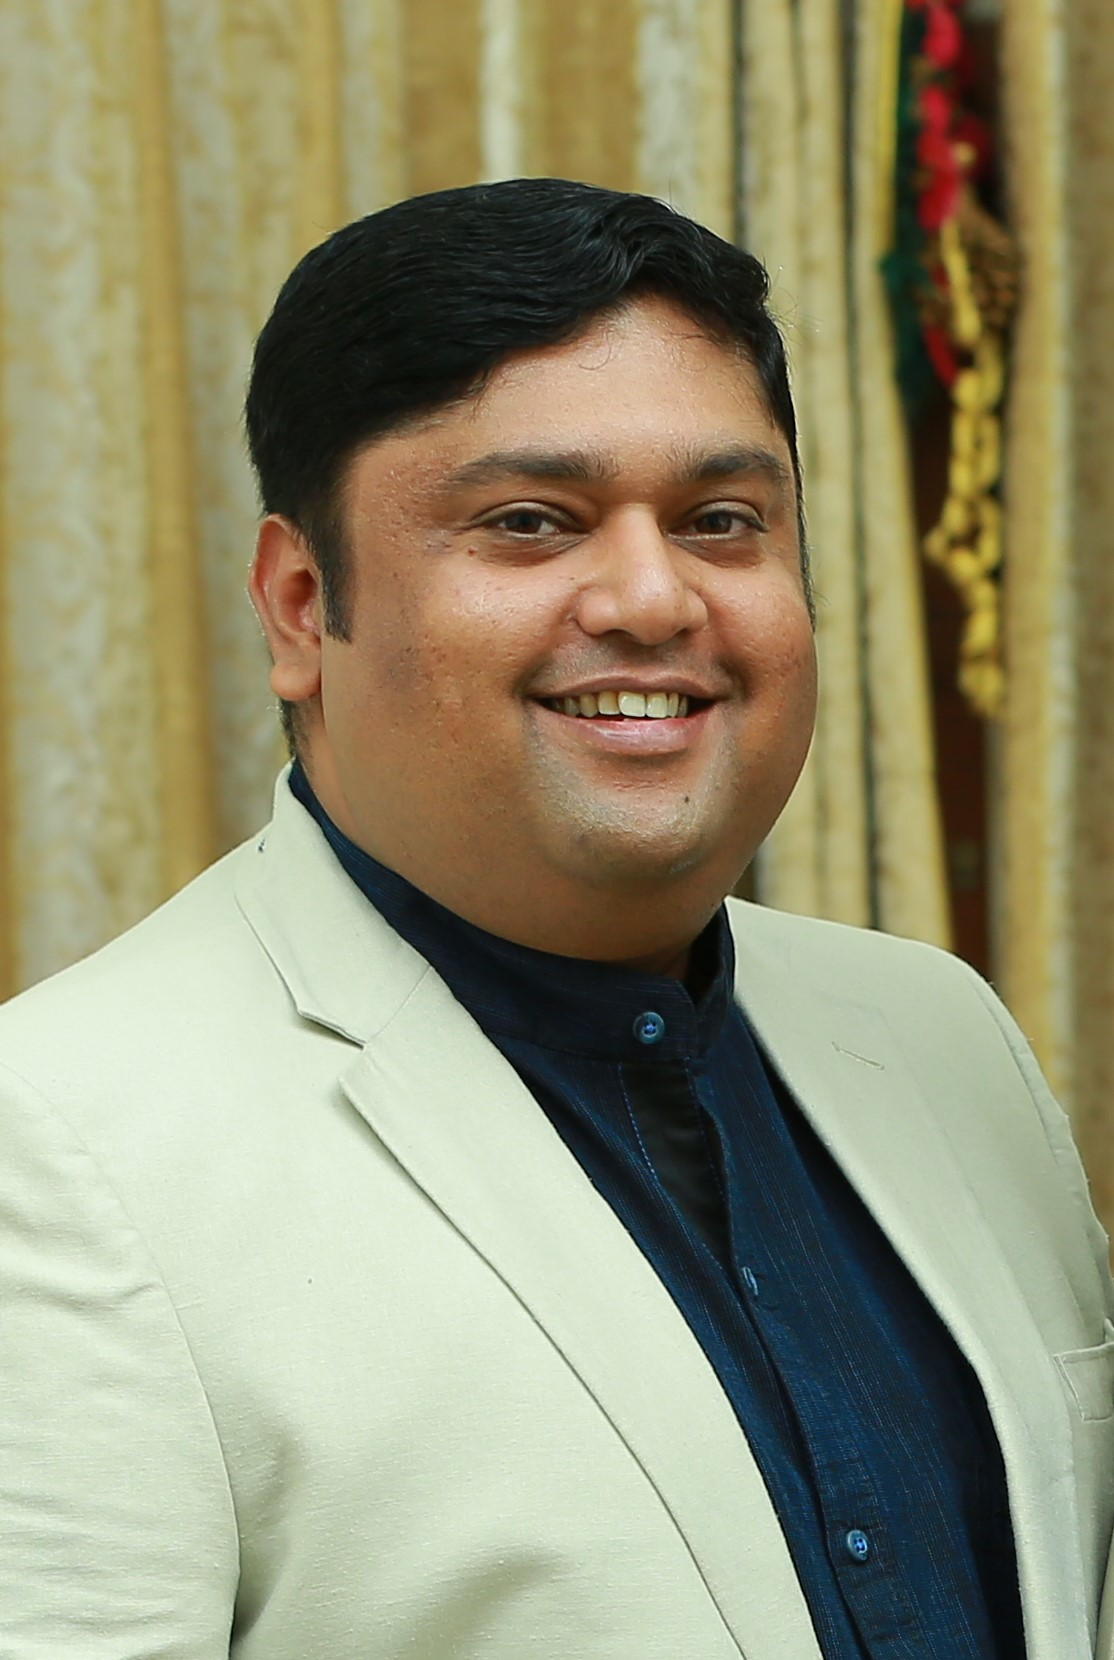 Ajay Ajit